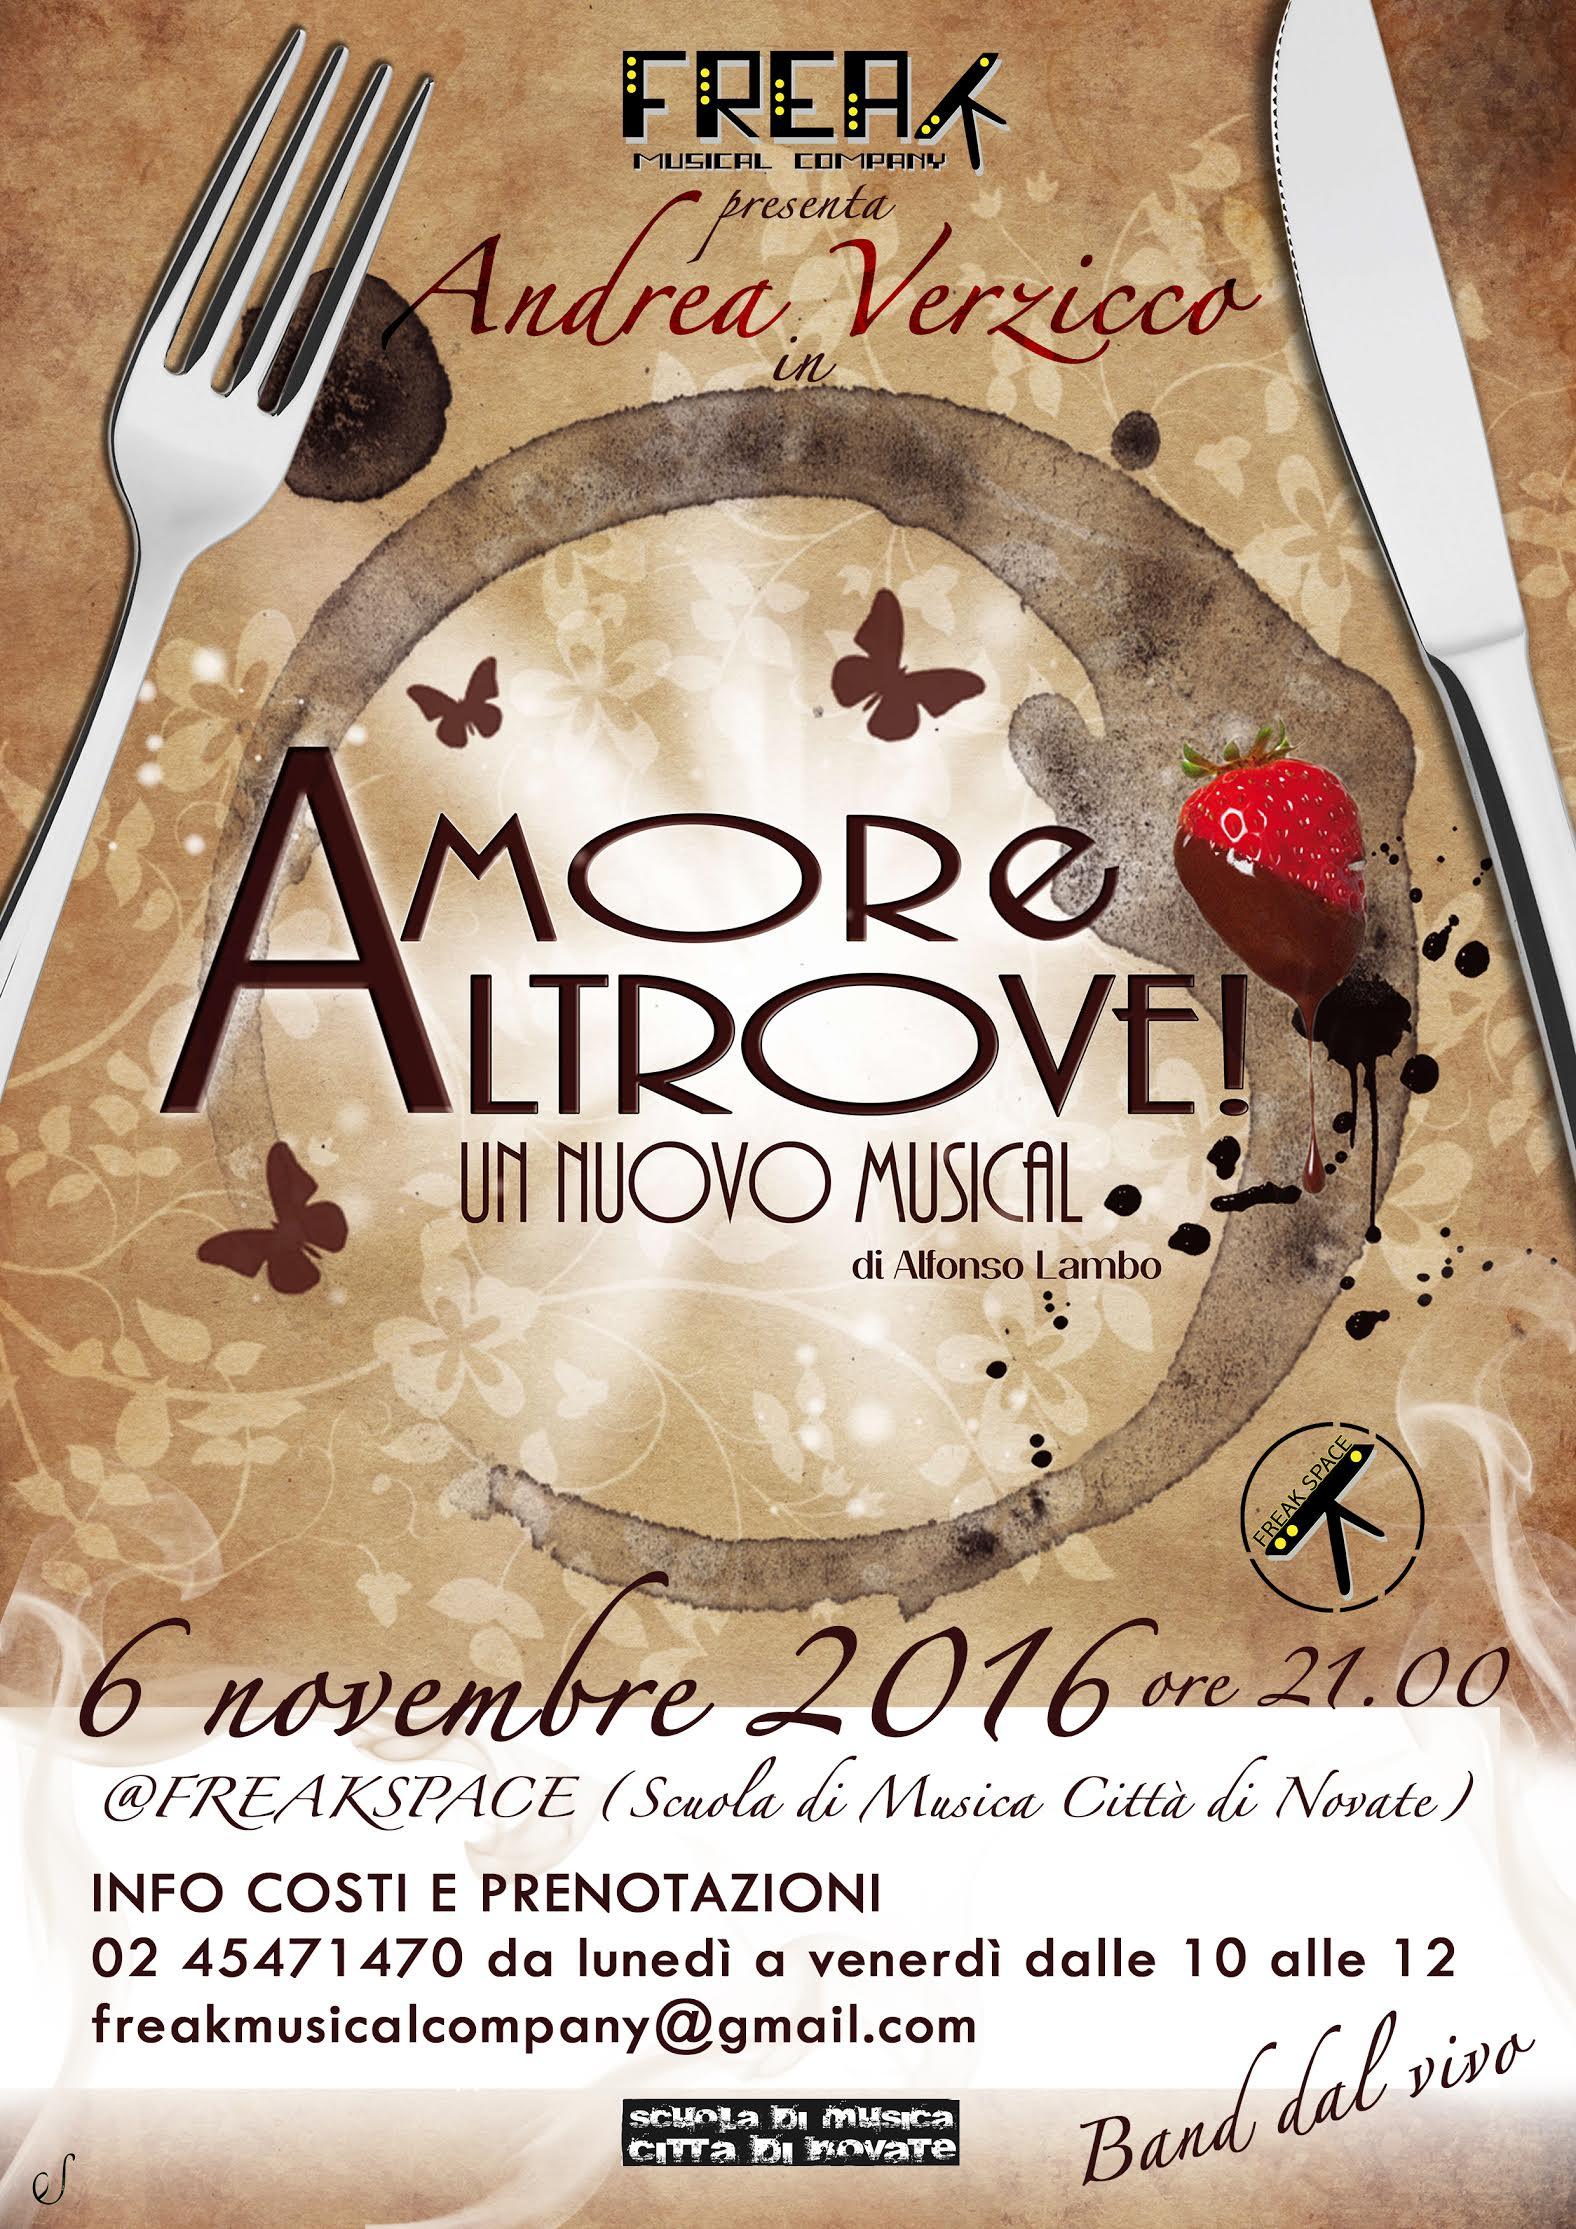 Amore Altrove musical Alfonso Lambo - Andrea Verzicco